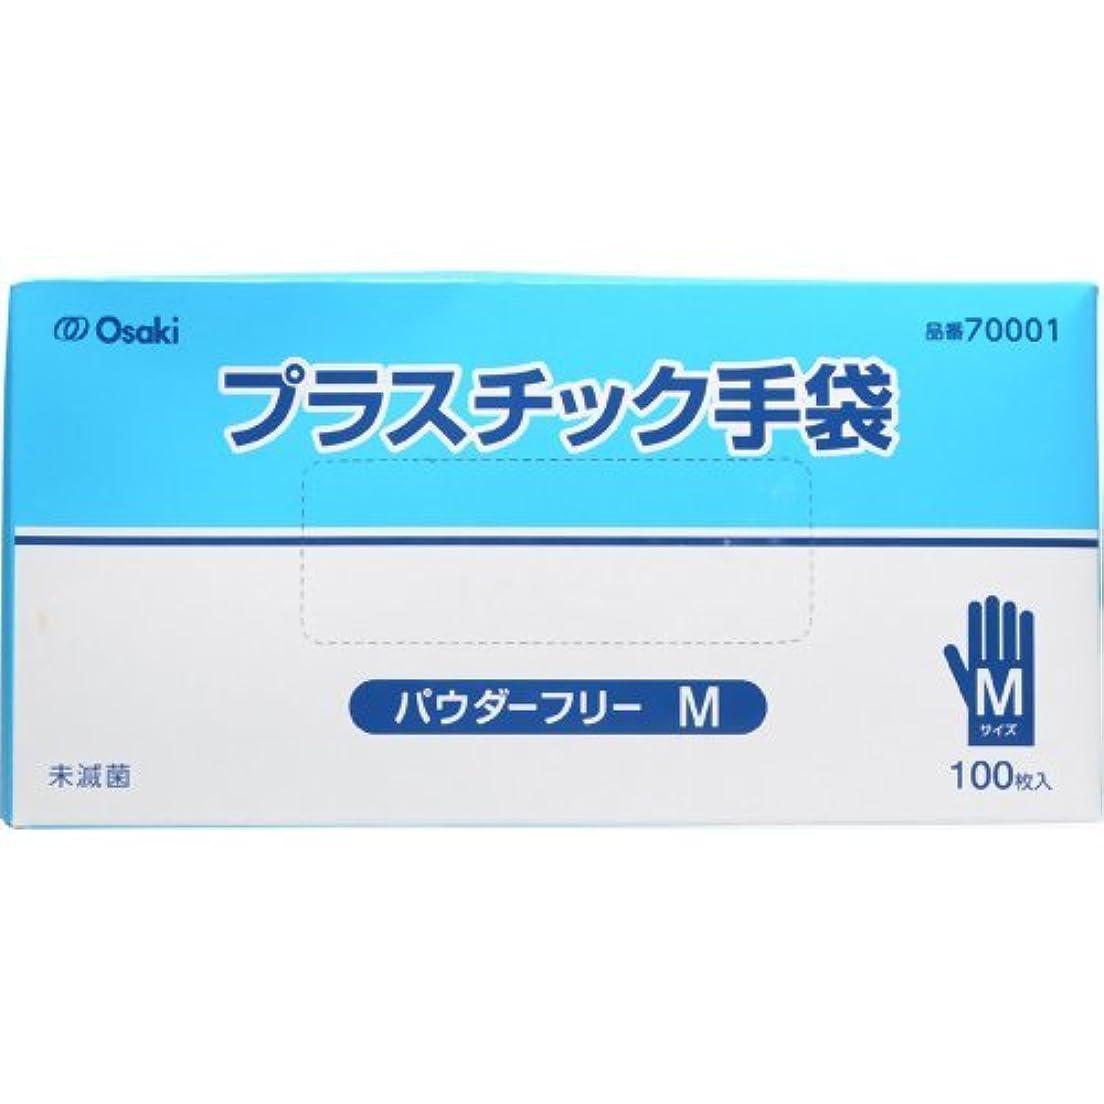 アカデミックあそこ流用するオオサキメディカル プラスチック手袋 PF Mサイズ 100枚入